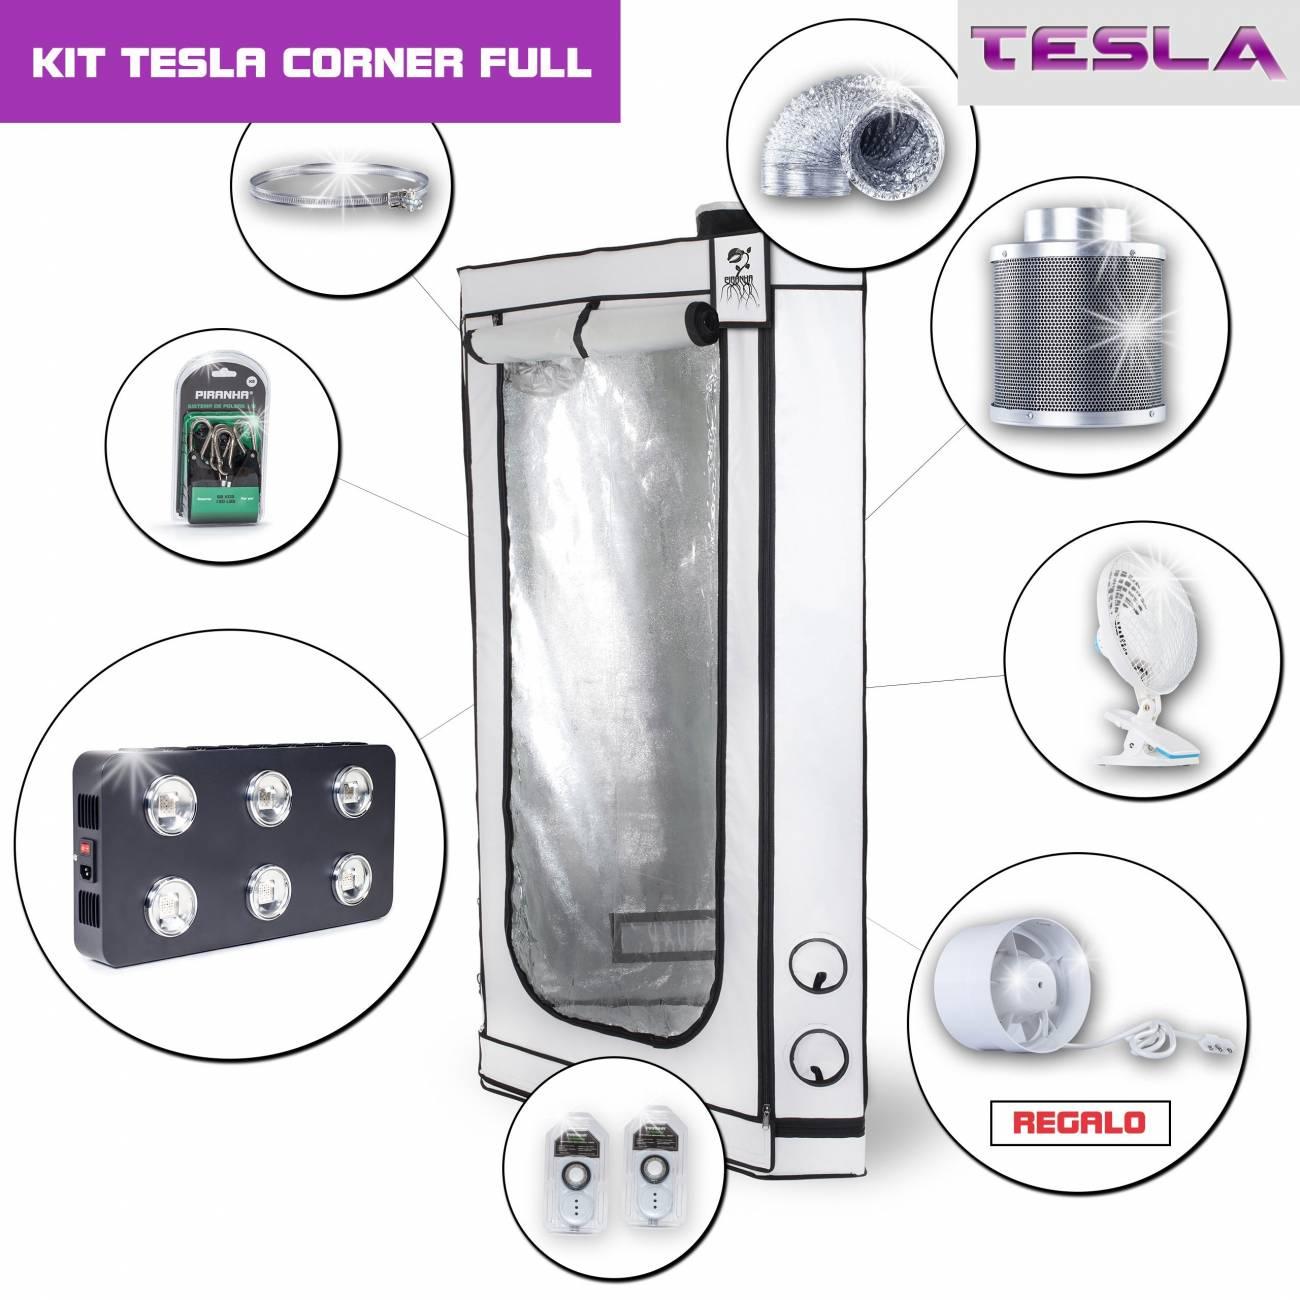 Kit Tesla Corner - T540W Completo